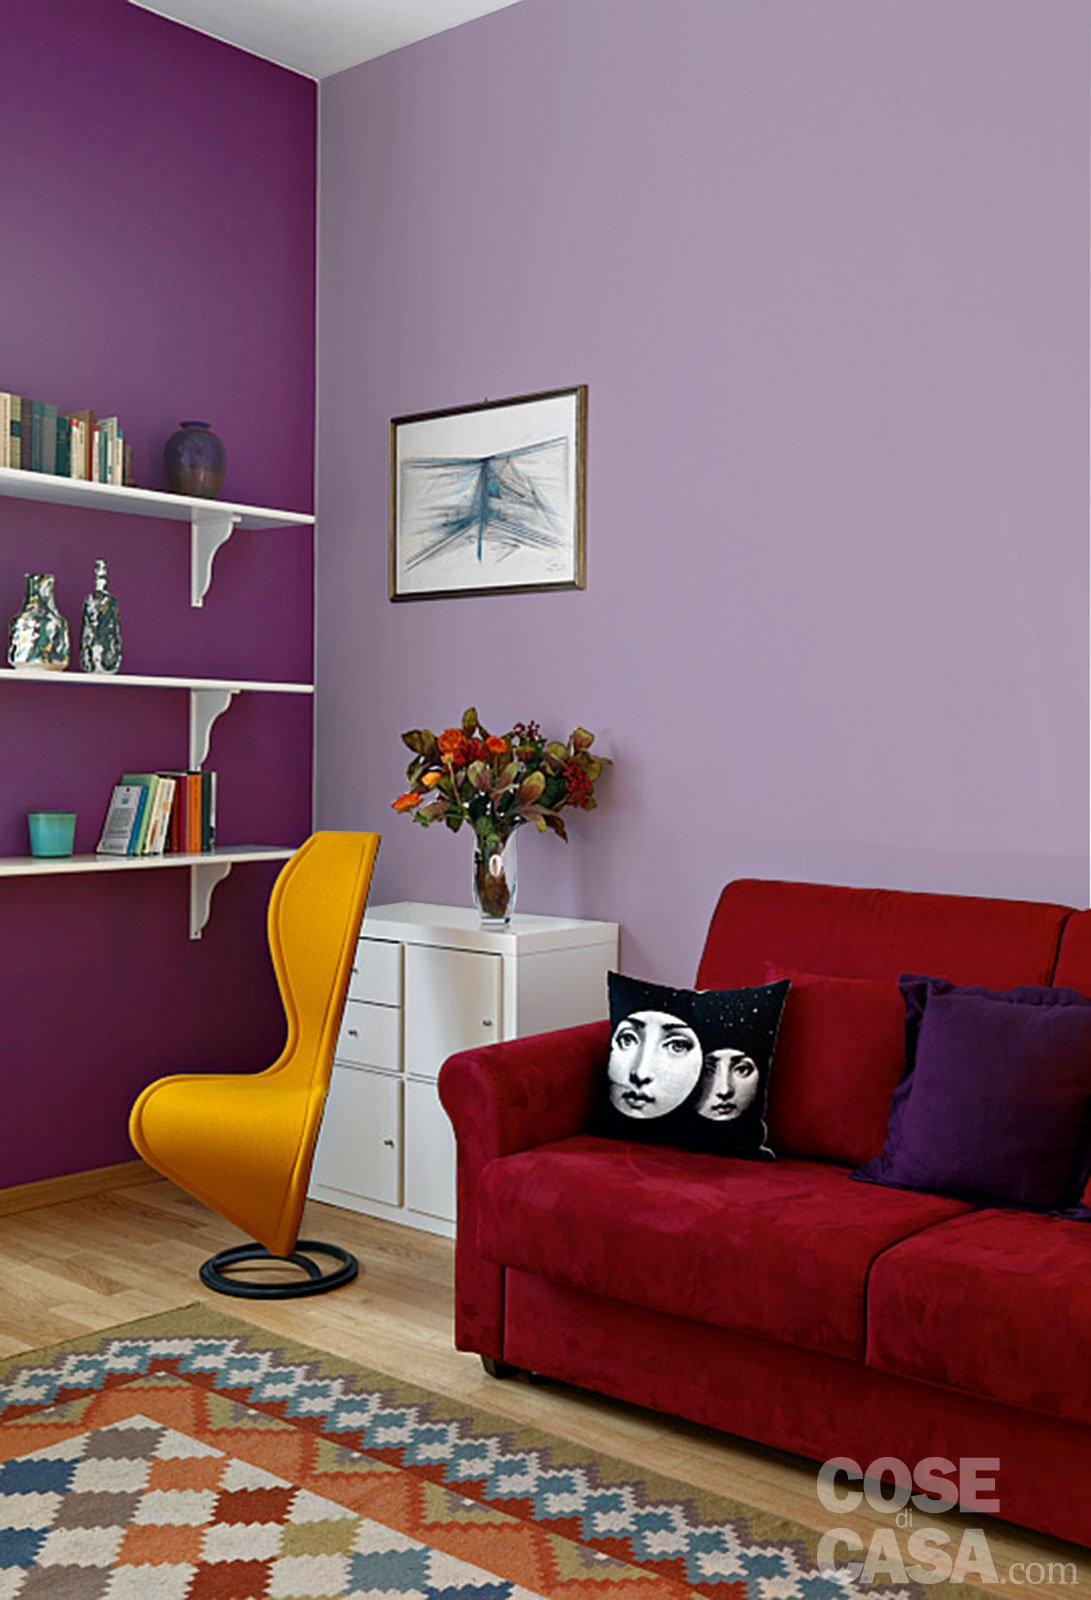 Pitturare le pareti i trucchi che ingannano l occhio for Lo space senza pareti